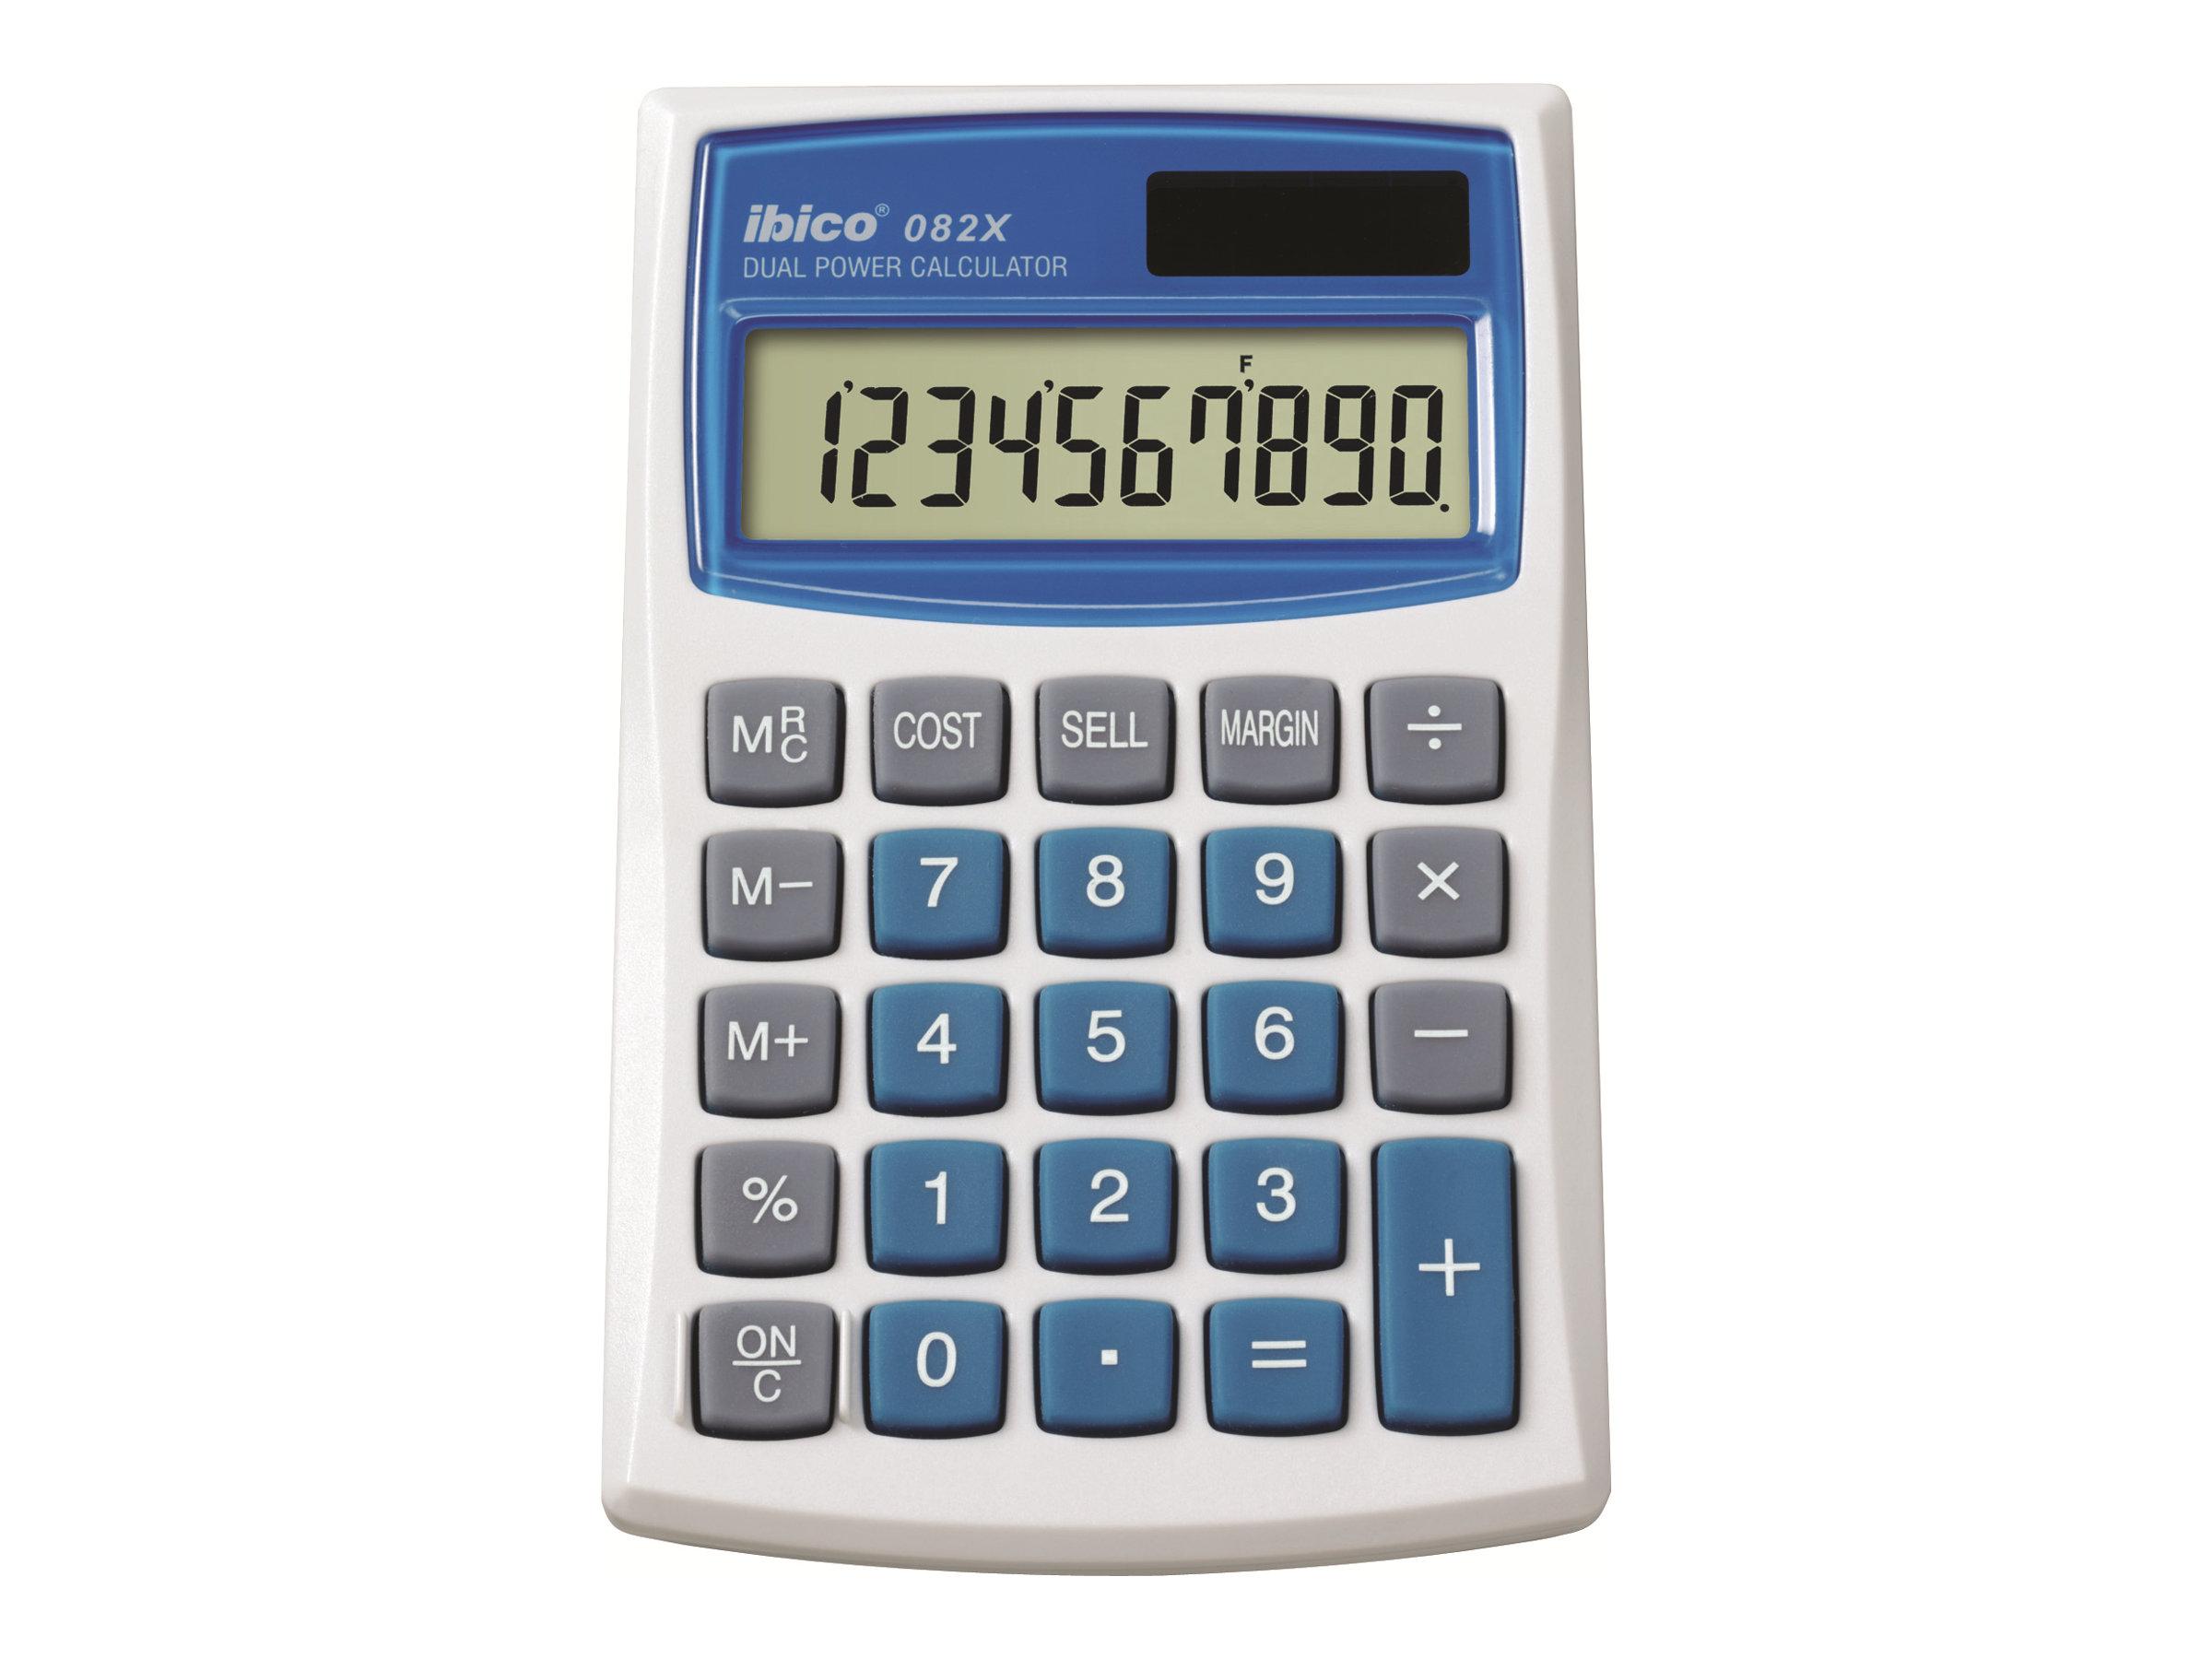 Rexel Ibico 082X - calculatrice de poche